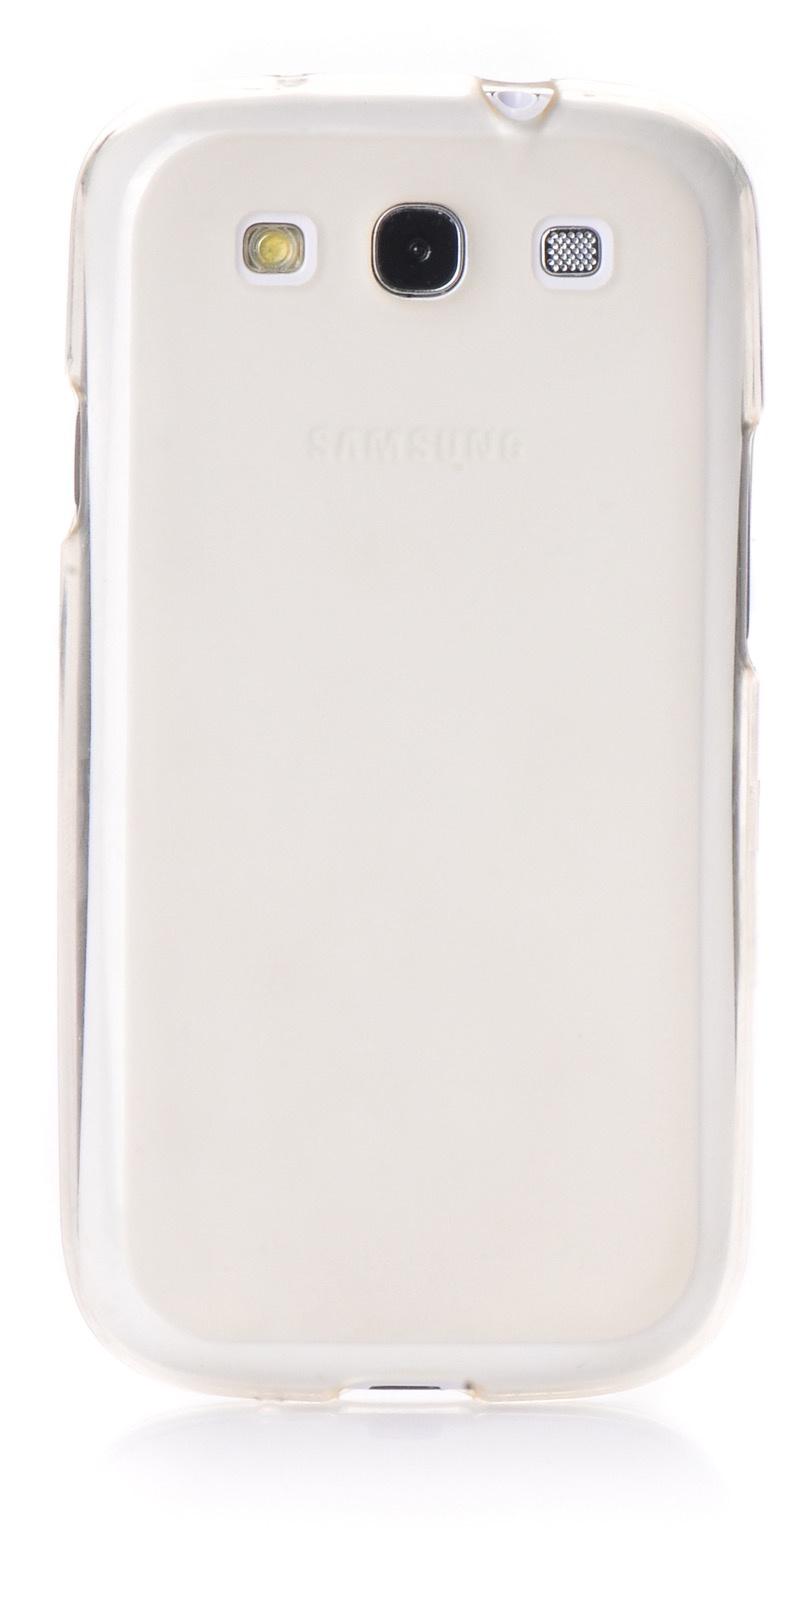 Чехол для сотового телефона iNeez накладка силикон для Samsung Galaxy S3, прозрачный